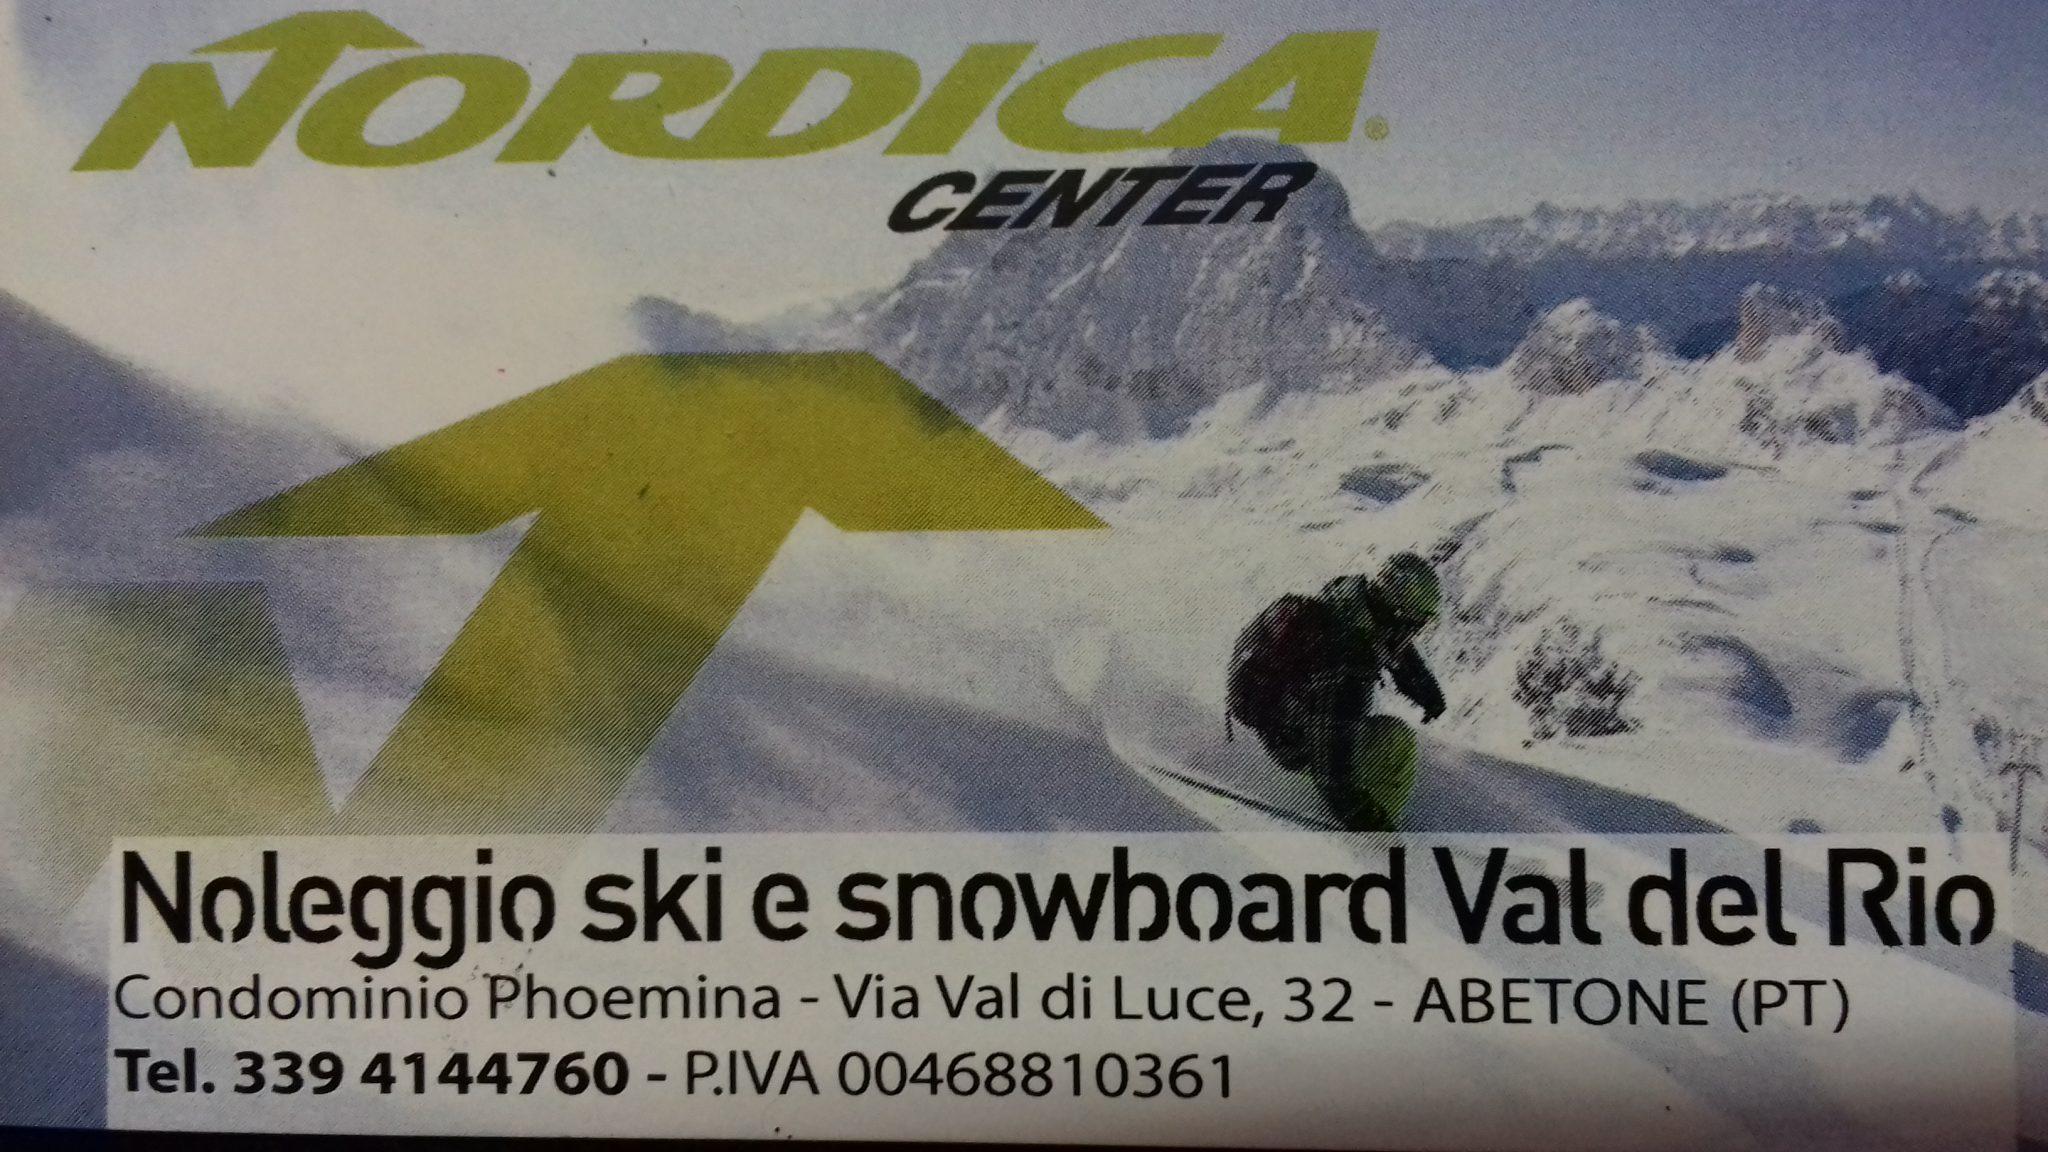 Nordica Center - noleggio ski e snowbord Valle del Rio